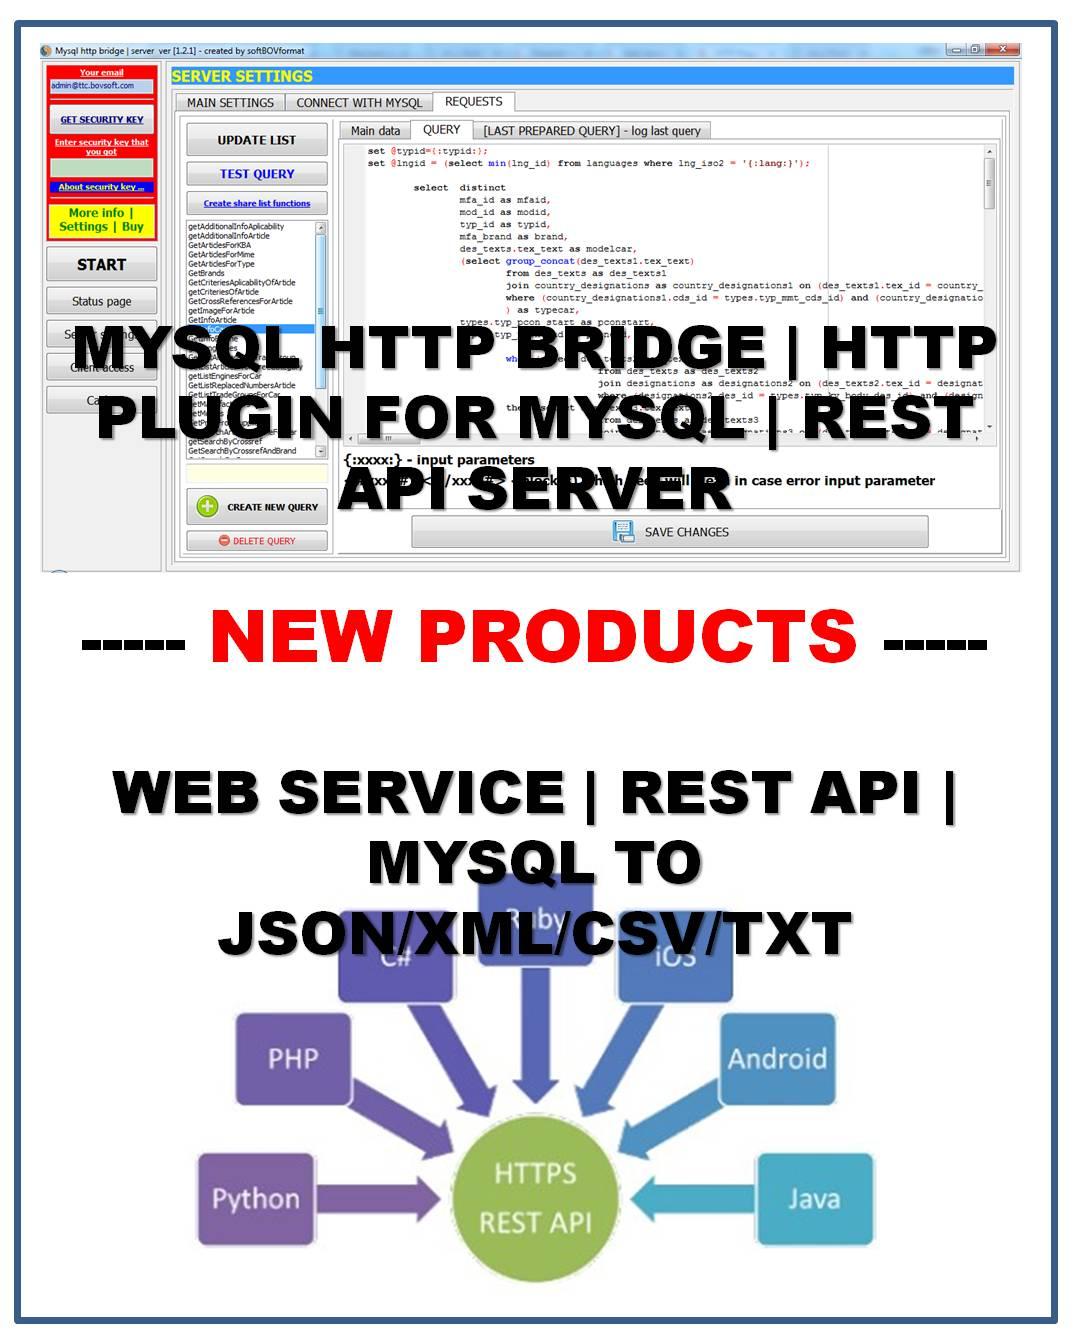 MYSQL HTTP SERVER | WEB SERVICE